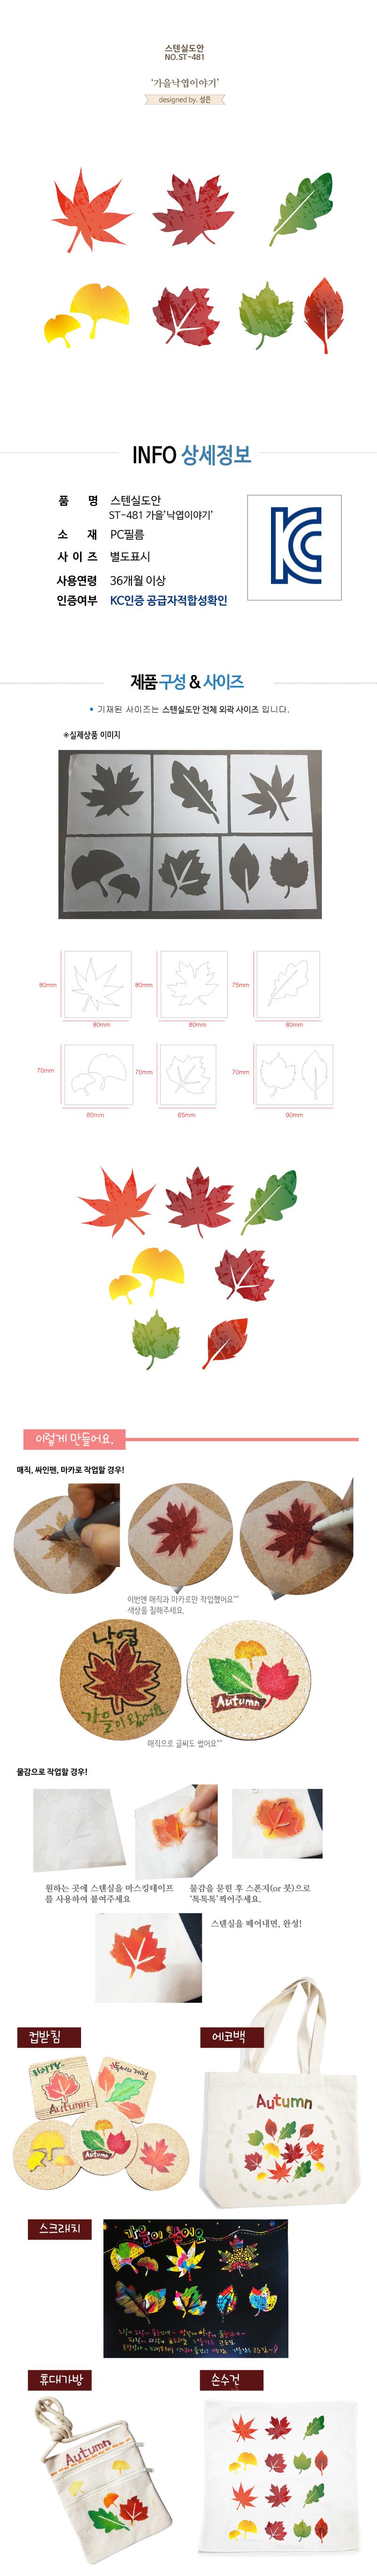 스텐실도안ST-481.가을낙엽이야기 - 피오피스토리, 3,500원, 스텐실, 스텐실도안